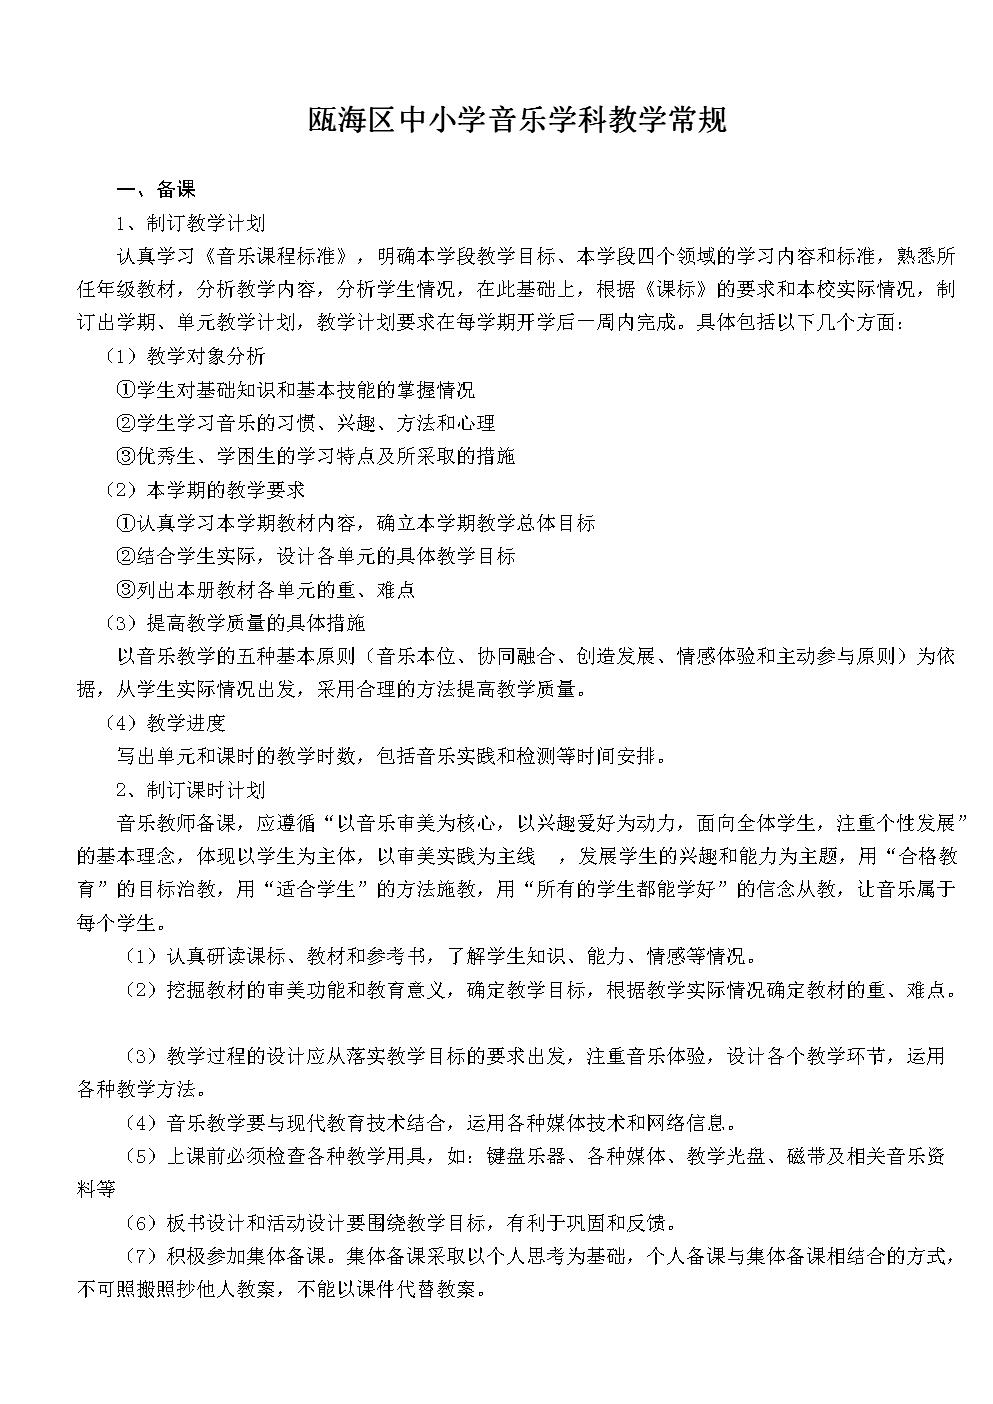 瓯海区中小学音乐学科教学常规反思.doc苏教版莫高窟教学设计及解析图片